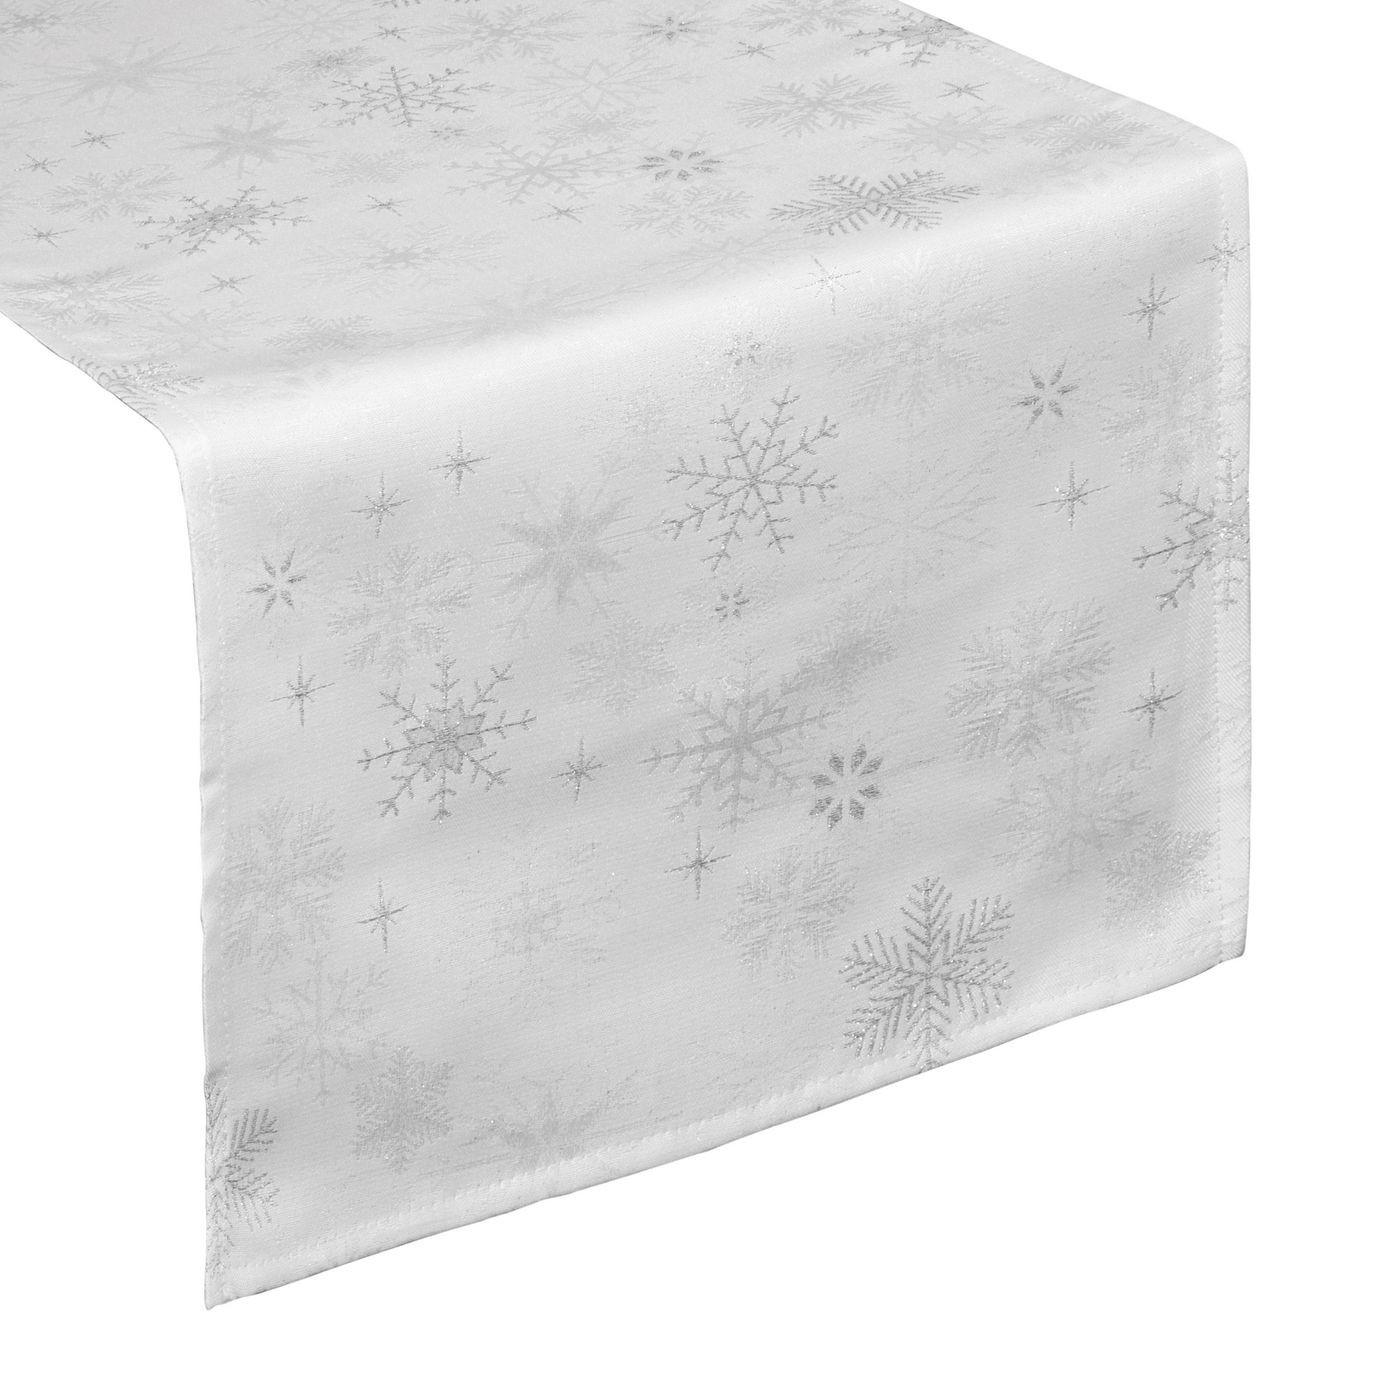 Biały ŻAKARDOWY BIEŻNIK ZE SREBRNĄ NITKĄ w gwiazdki 35x140 cm